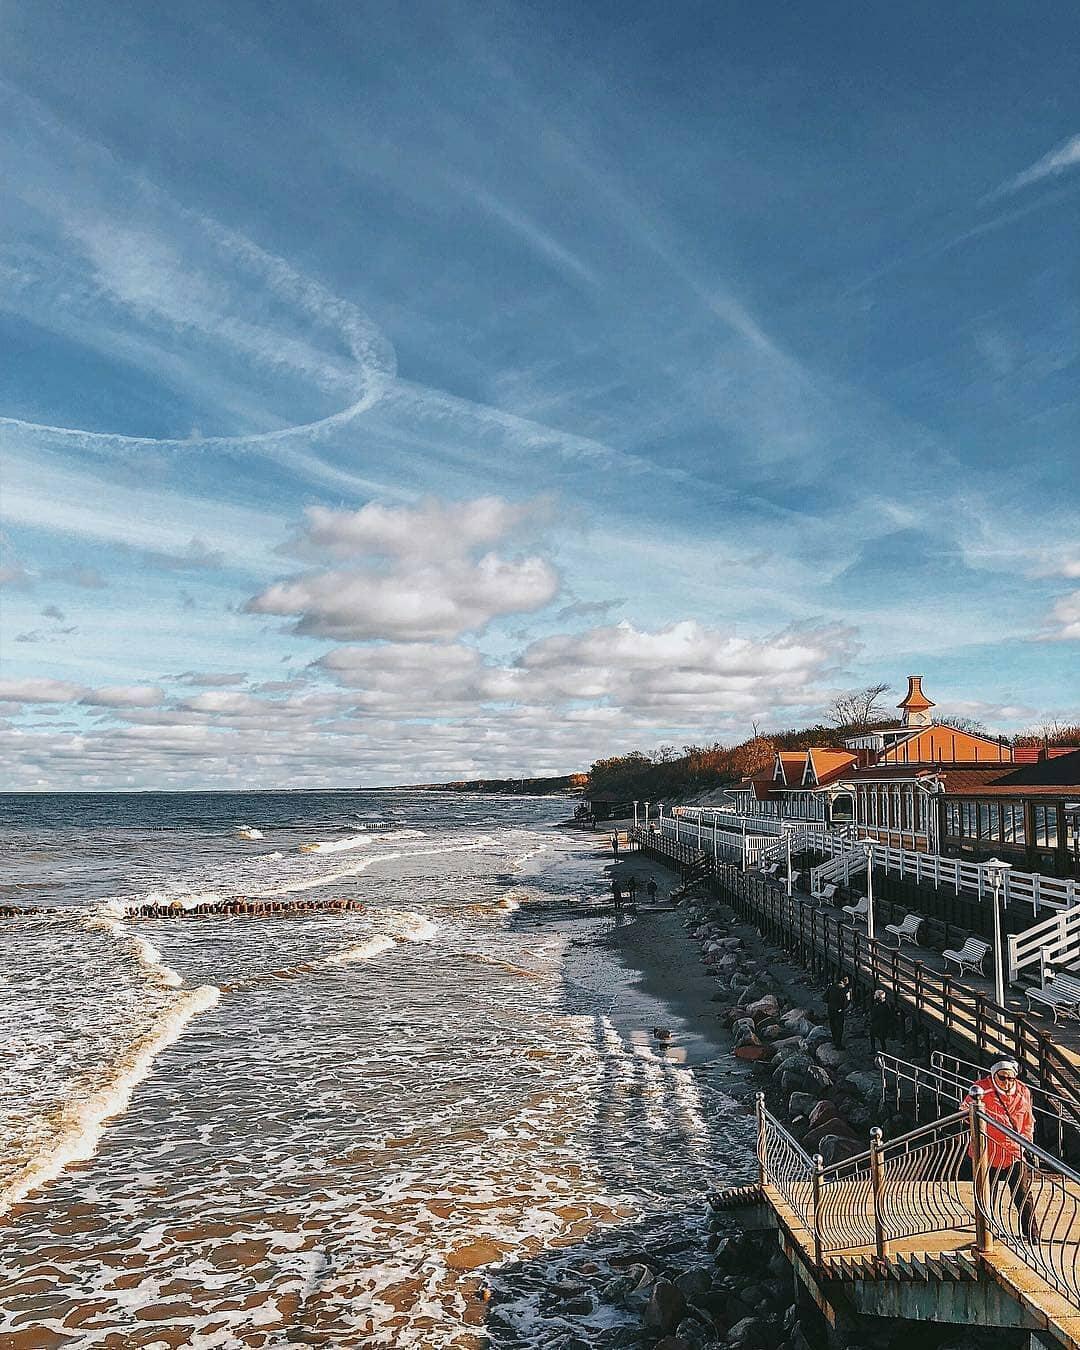 давно получил калининград фото моря время отдыха марк